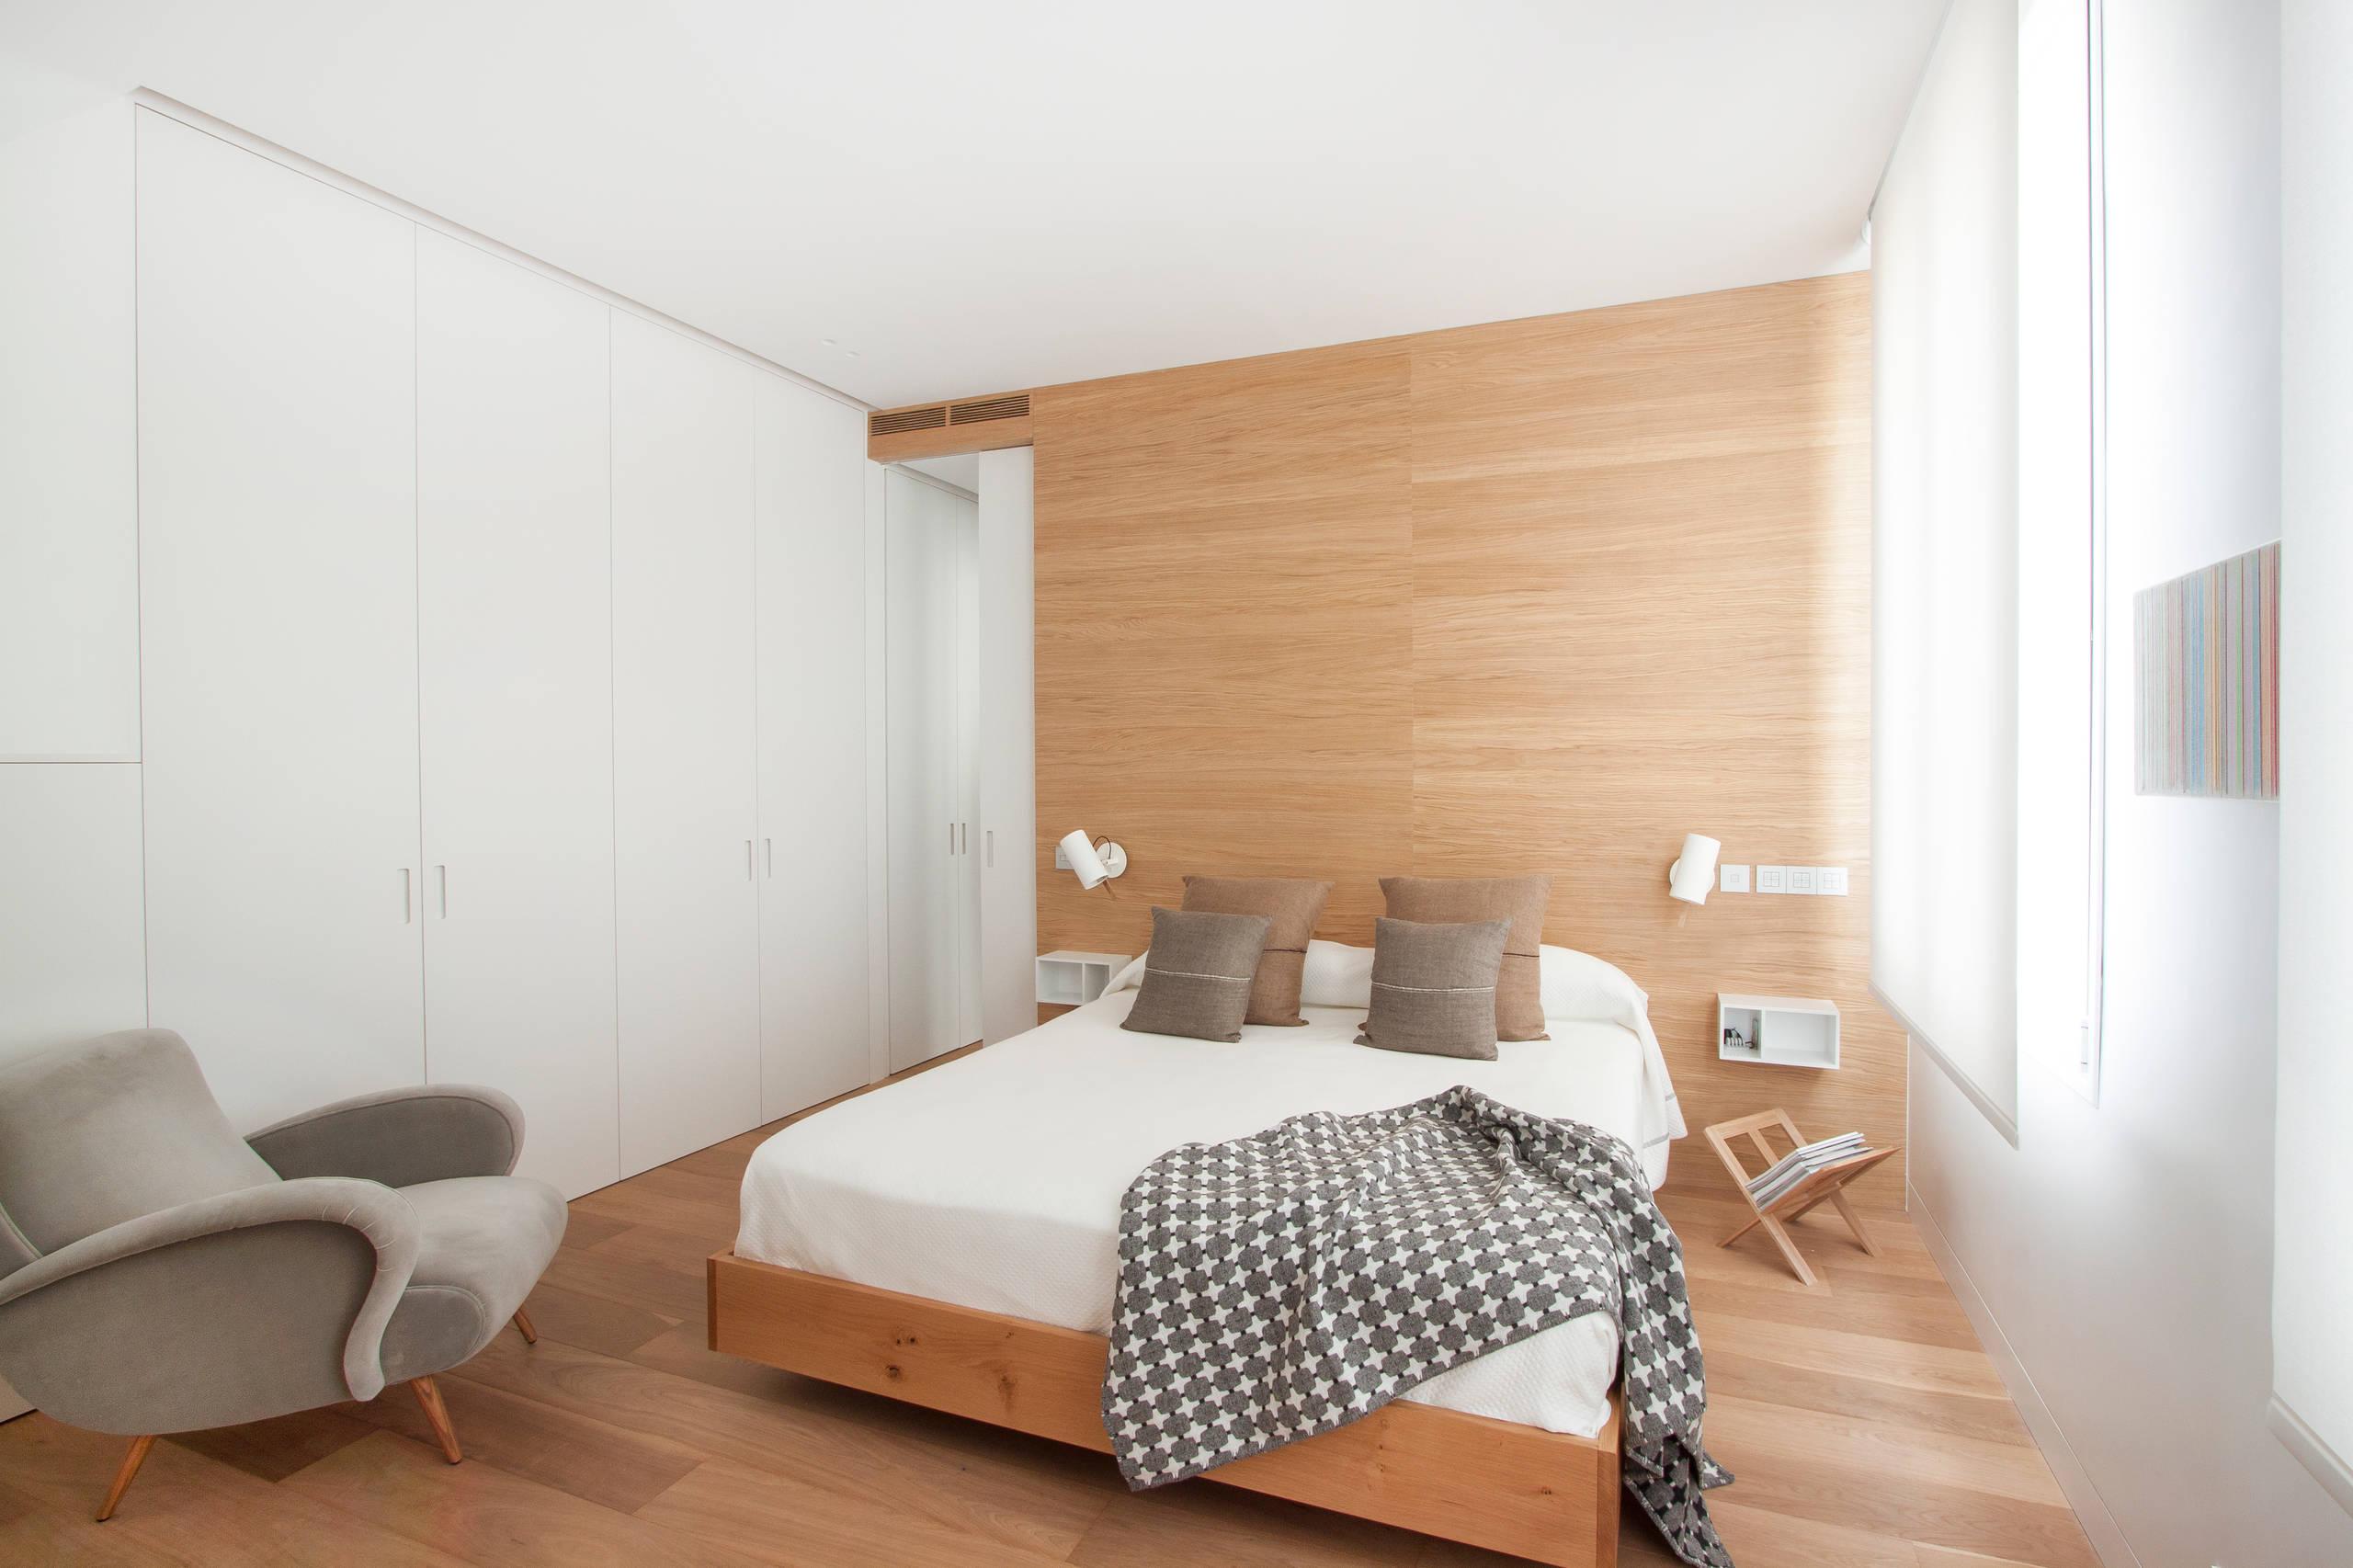 Dormitorio moderno espacioso para el confort